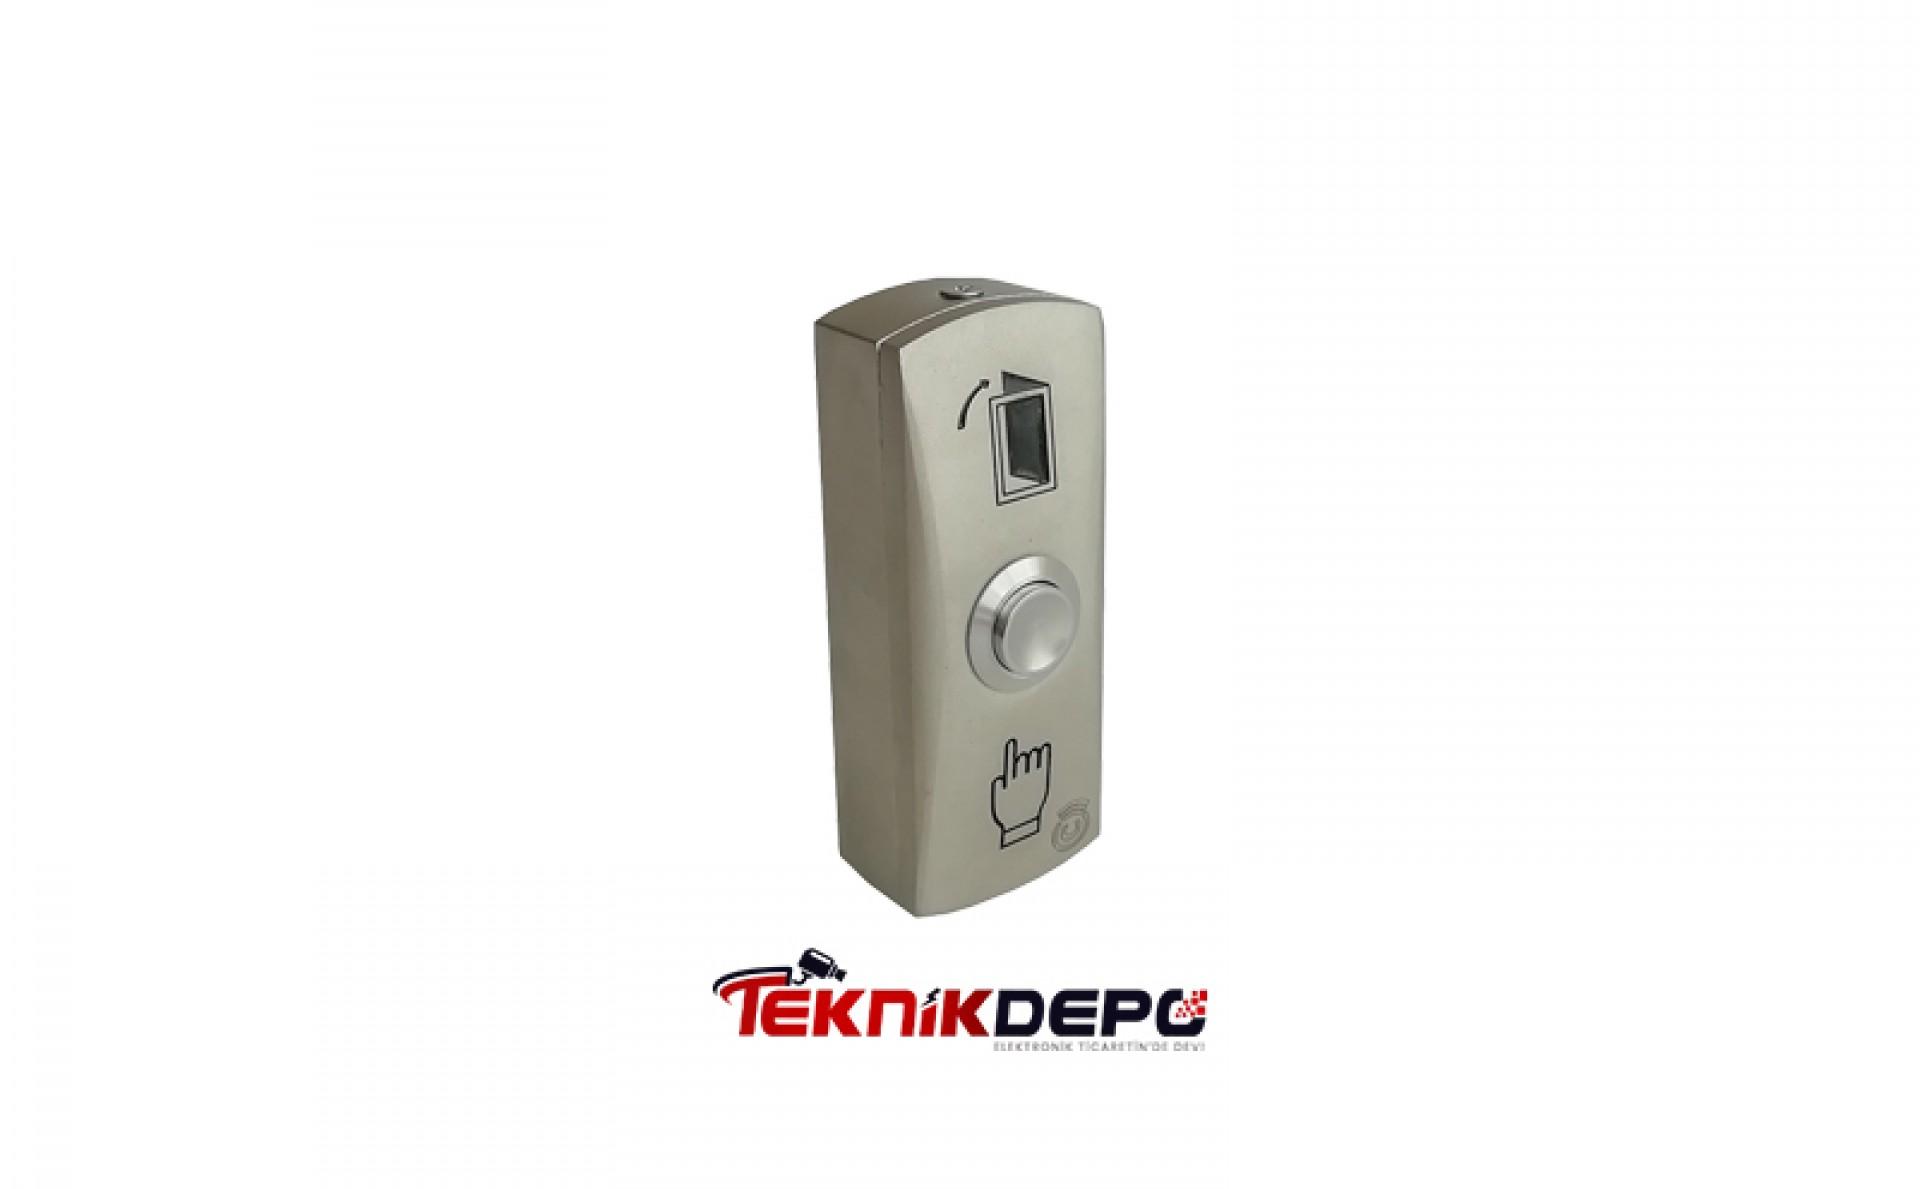 BT20 - Bas Aç Buton İnce Tip Sıva Üstü